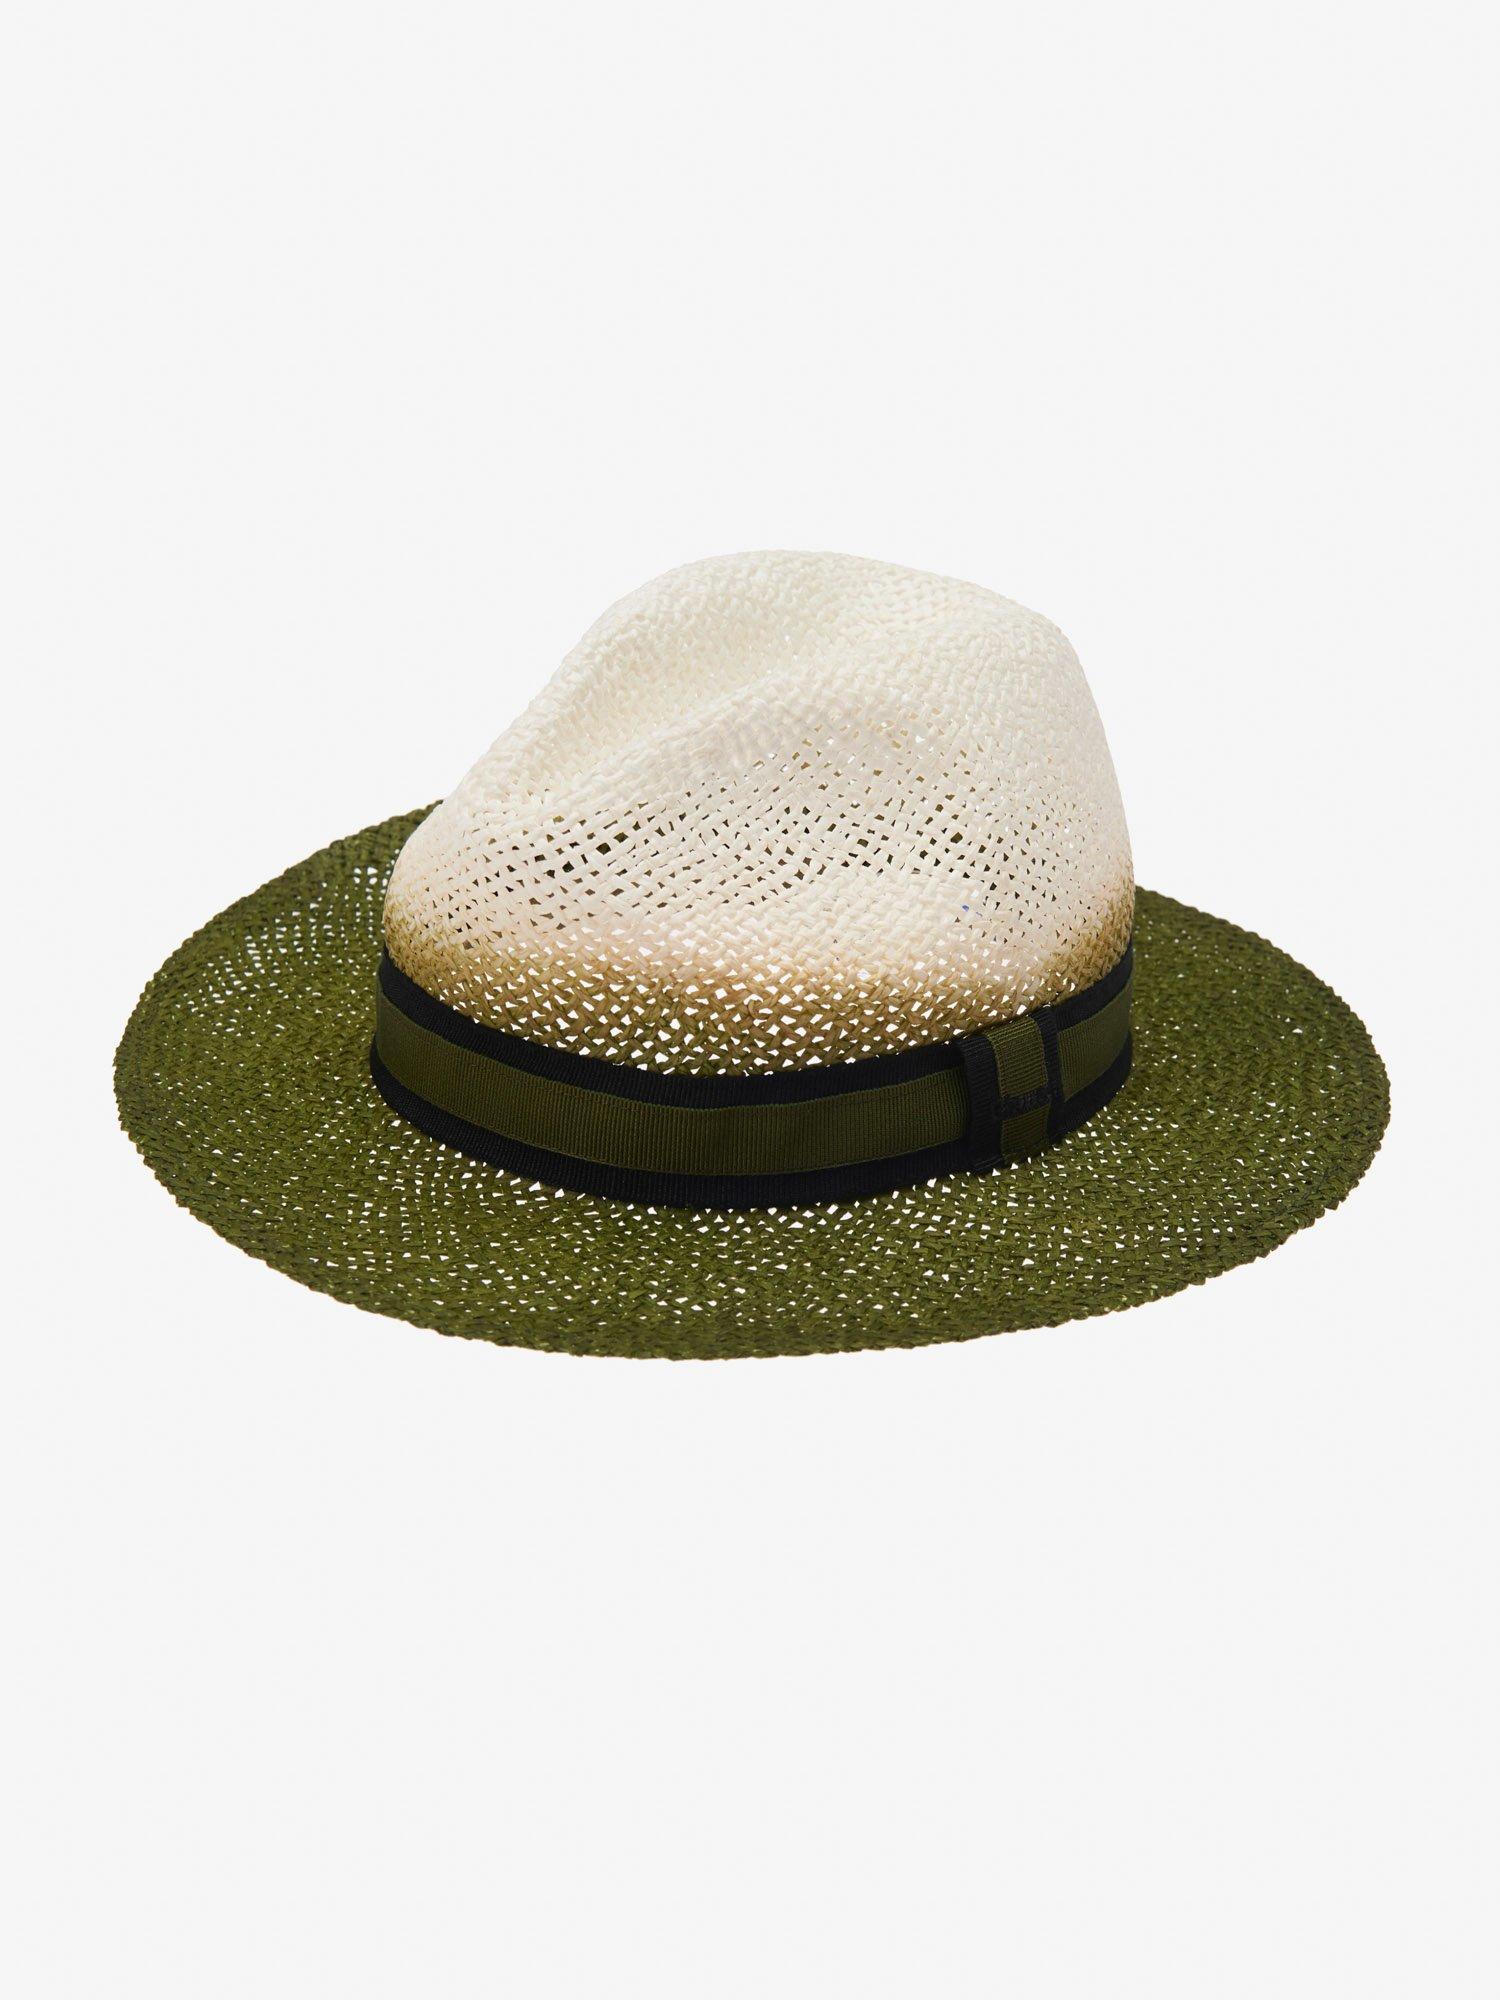 5b8524ec6f2a2 Blauer - PANAMA HAT IN BICOLOR PAPER - Dusty Green - 1